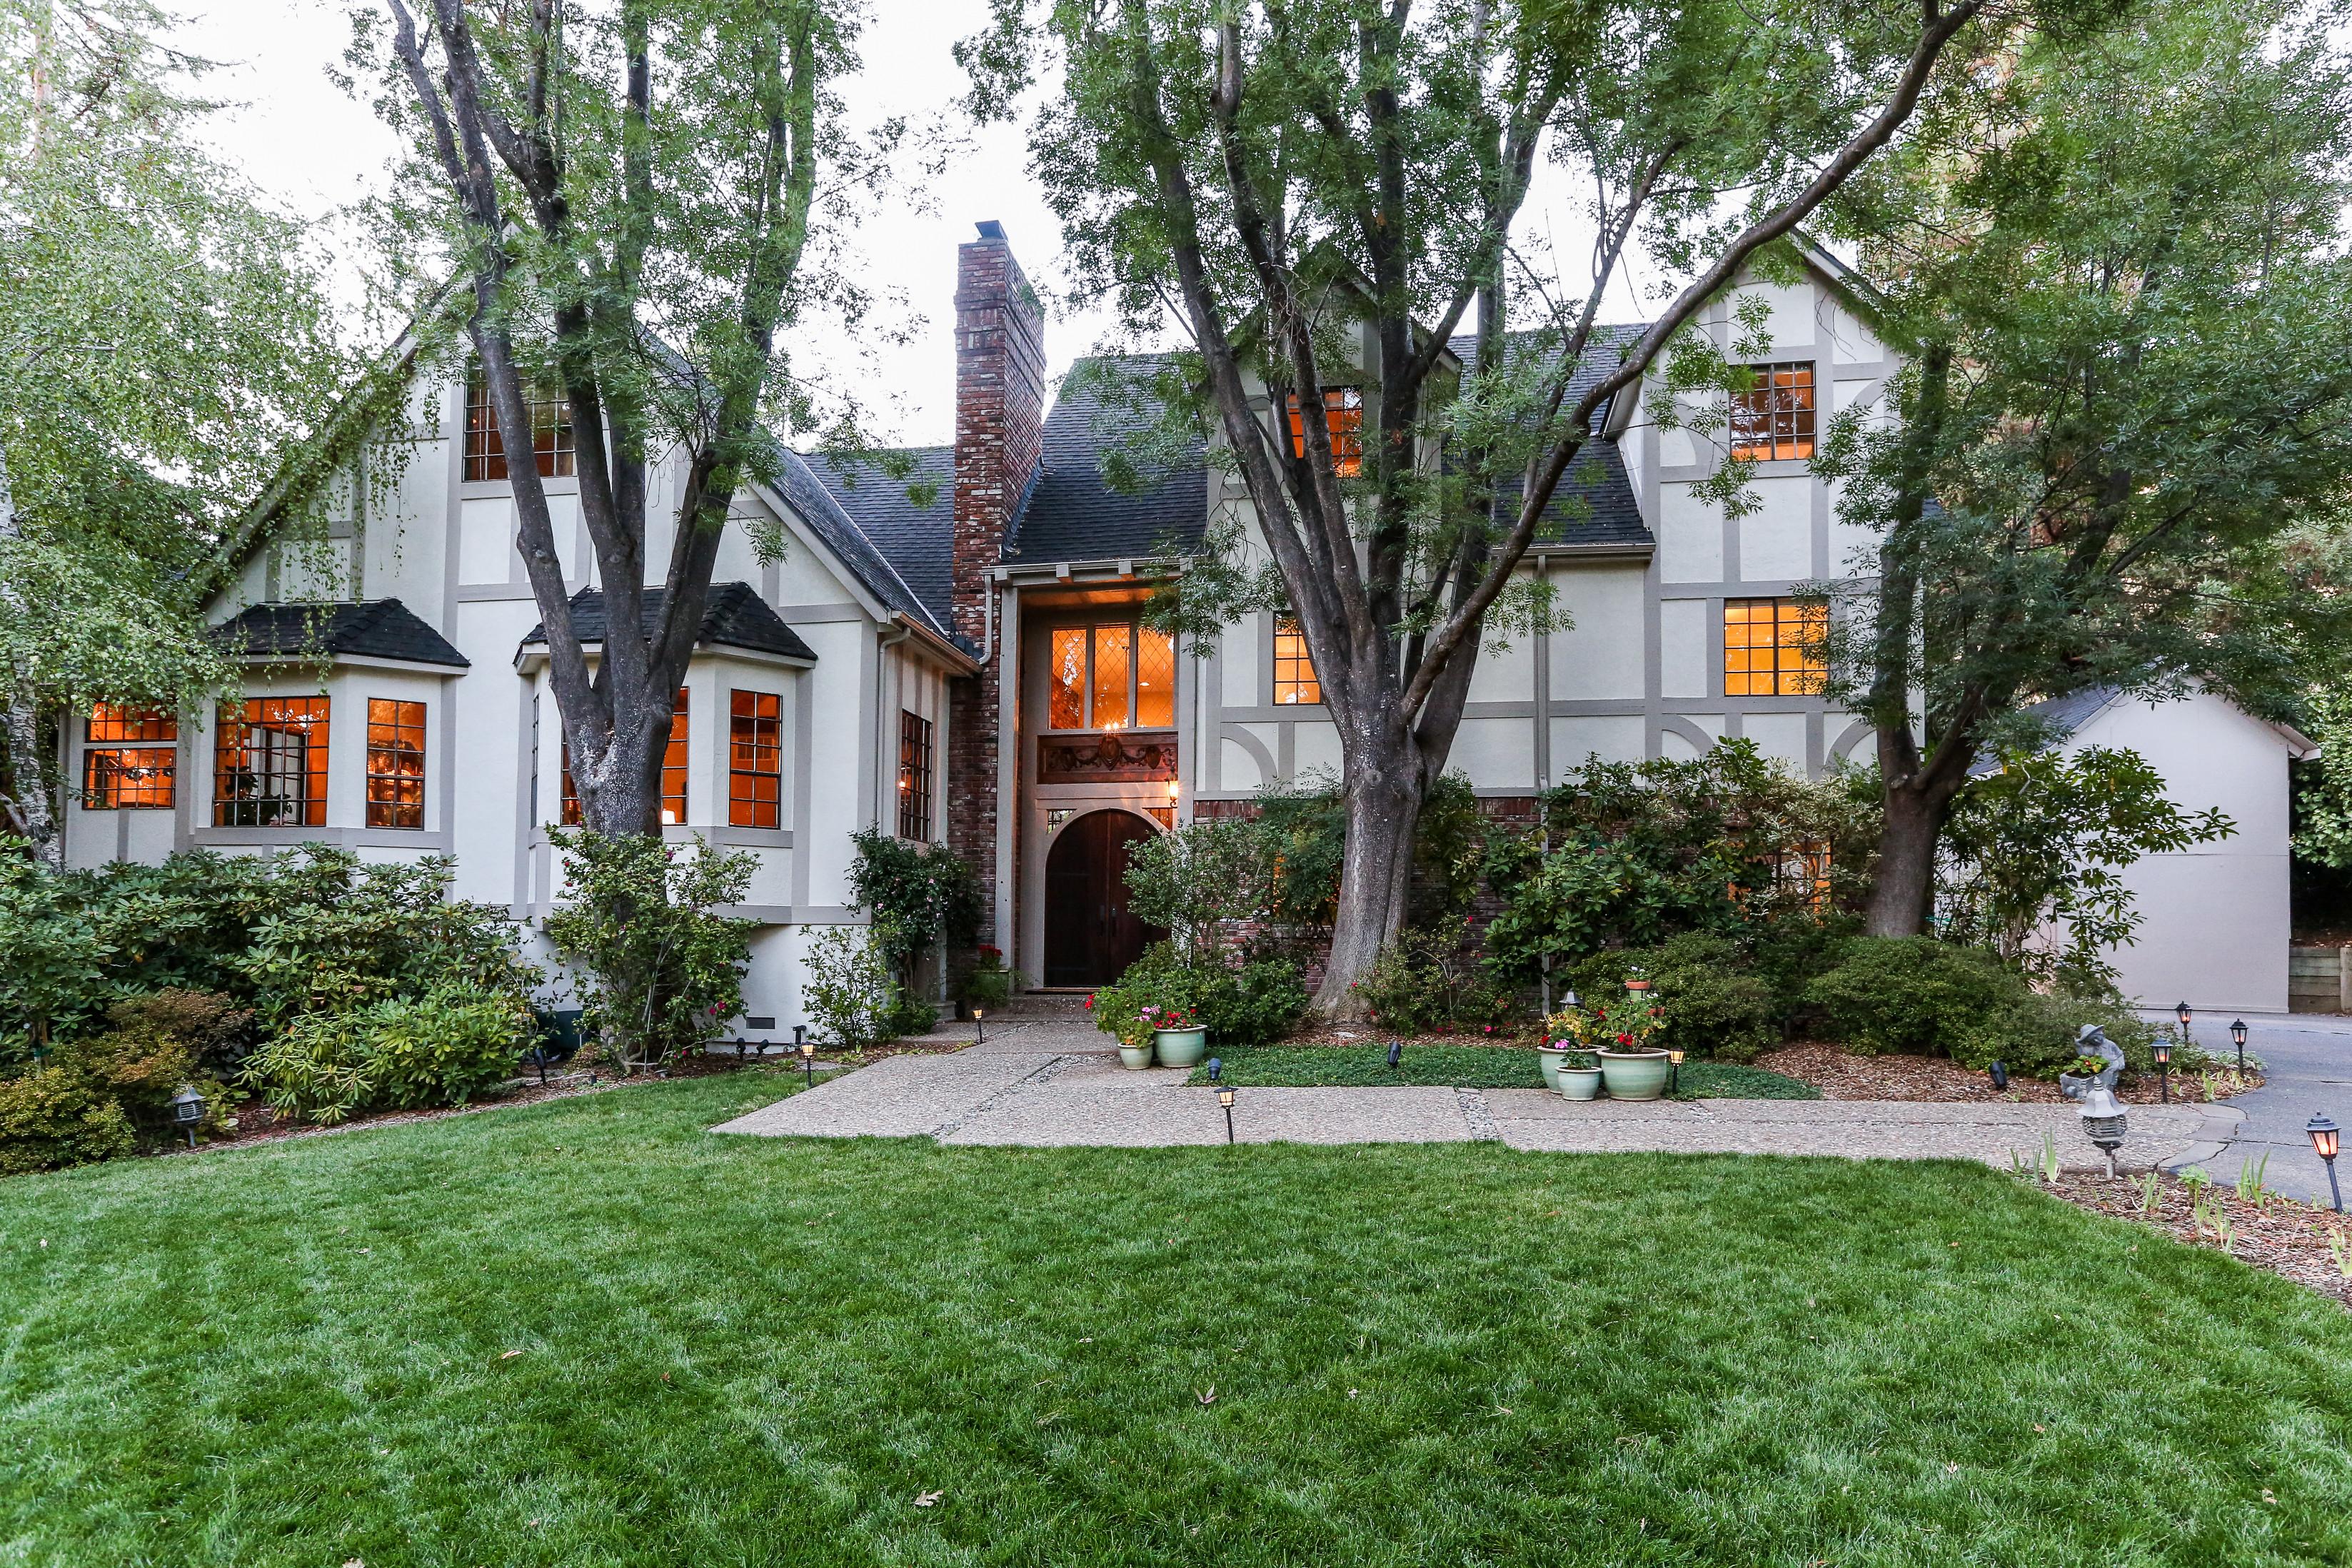 단독 가정 주택 용 매매 에 Exquisite Gated Tudor Hampton Estate 2510 Mt Diablo Scenic Blvd Danville, 캘리포니아, 94506 미국